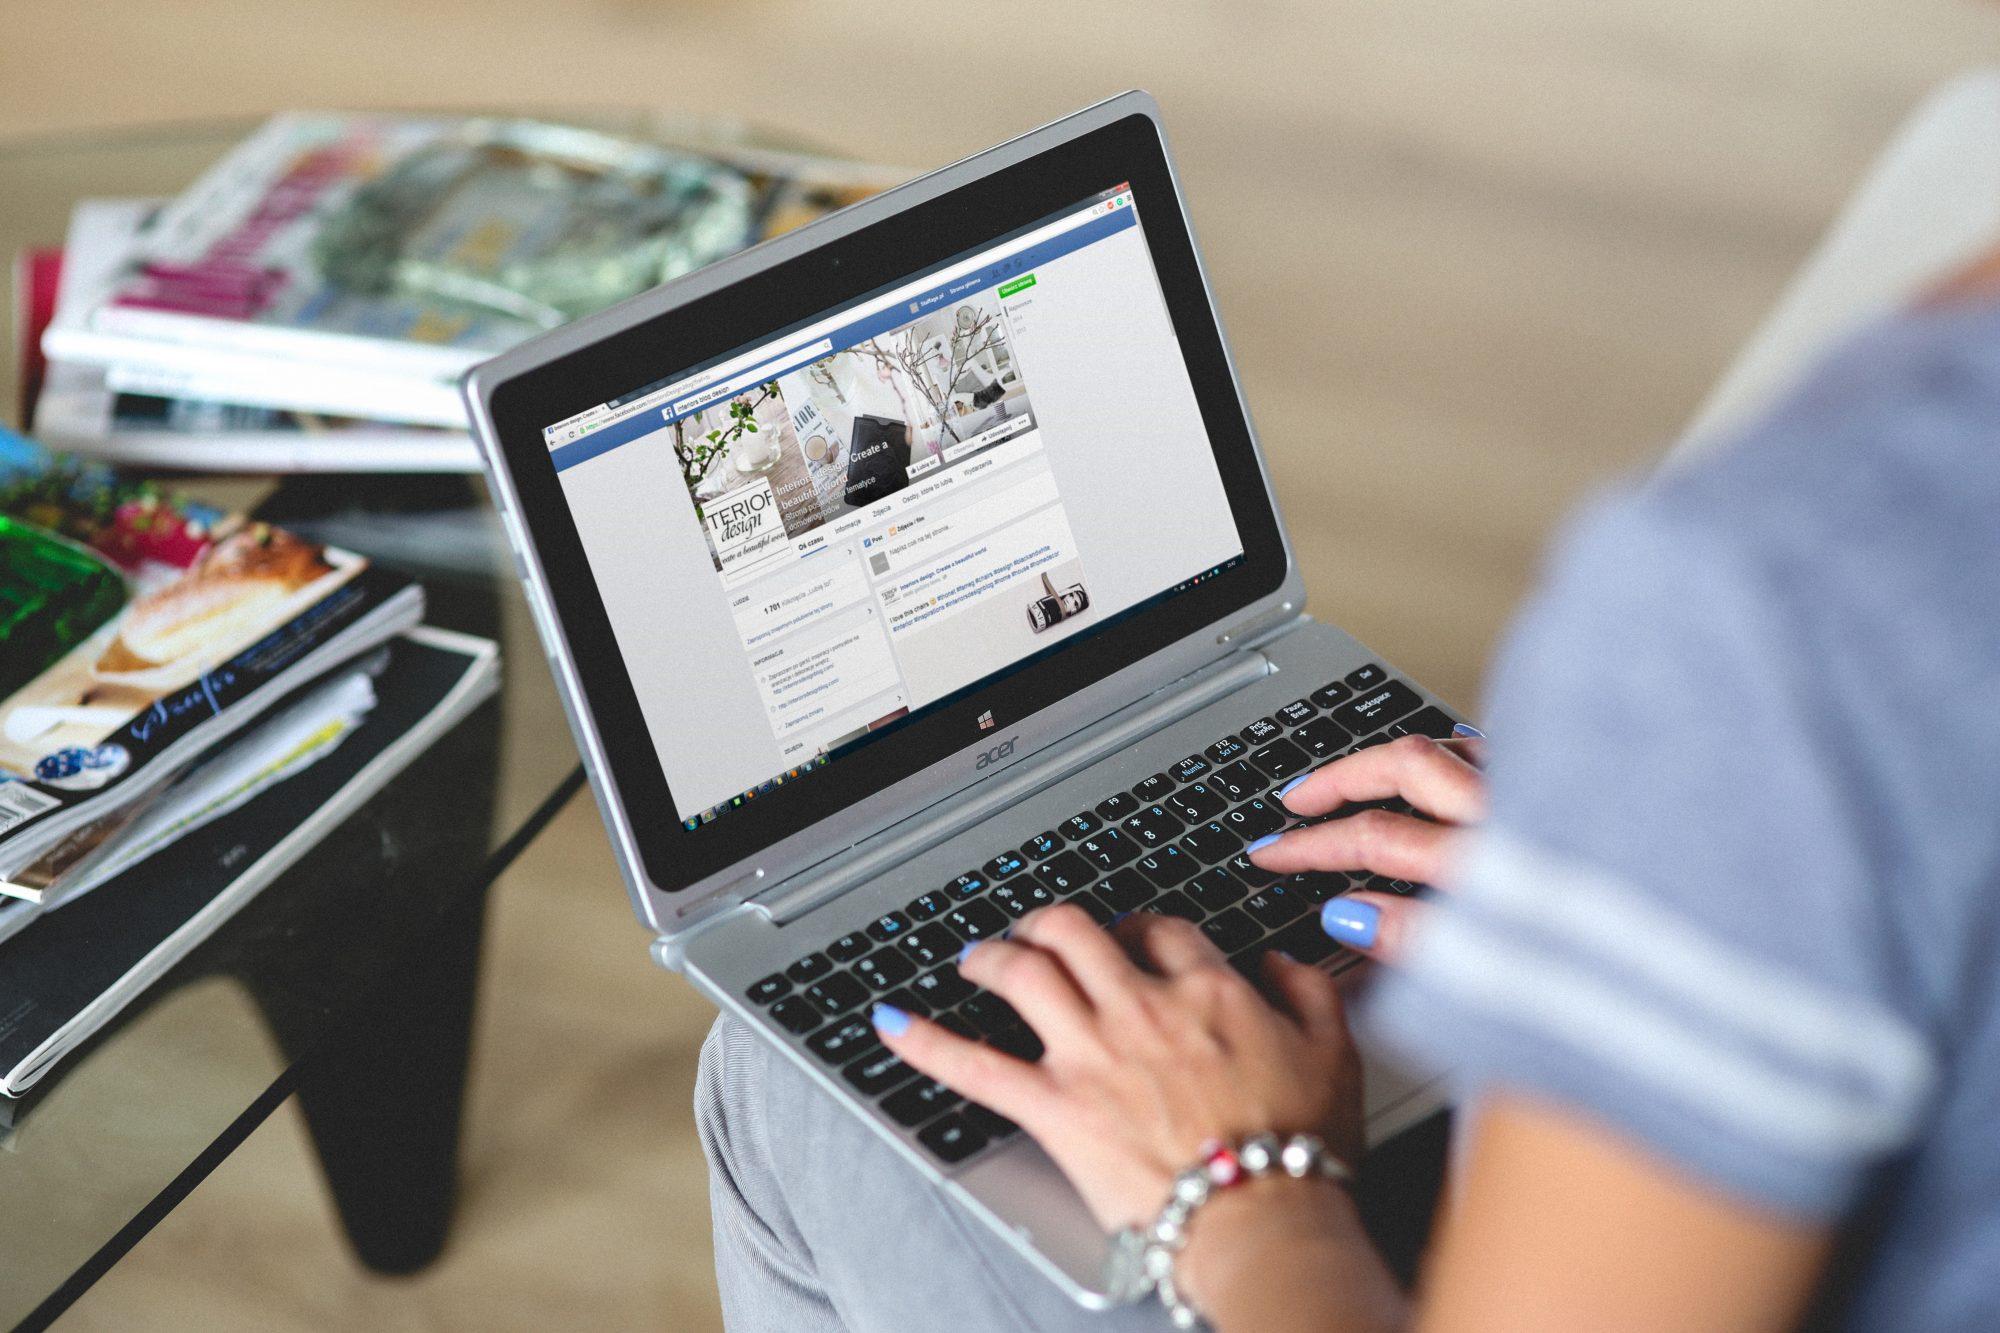 fot. bank zdjęć pixabay.com